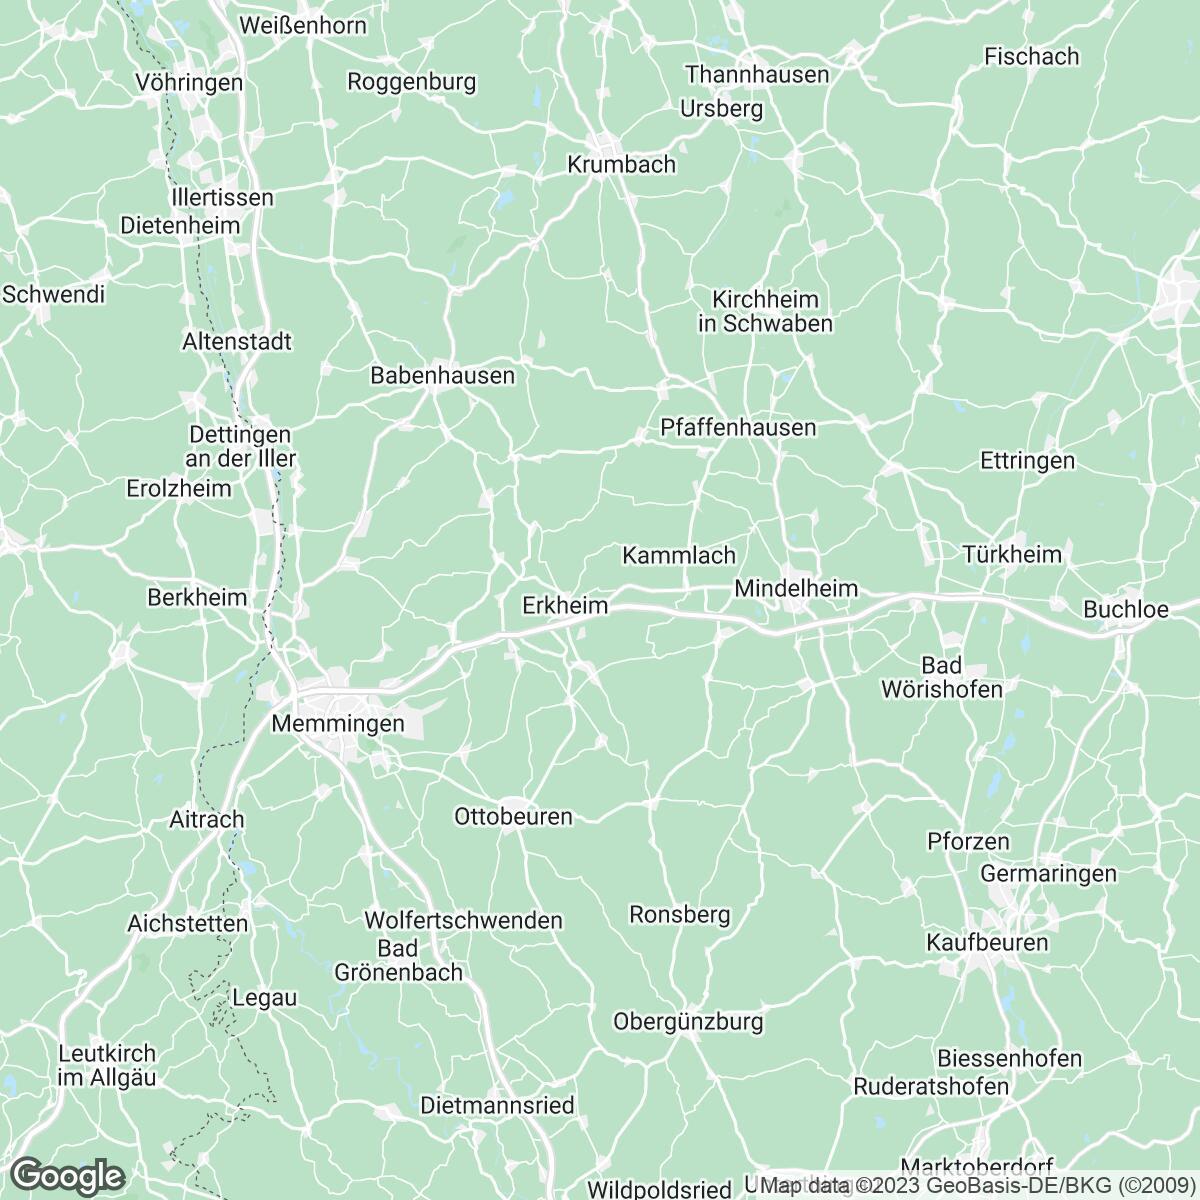 Verkaufsgebiet der Zeitungen Augsburger Allgemeine